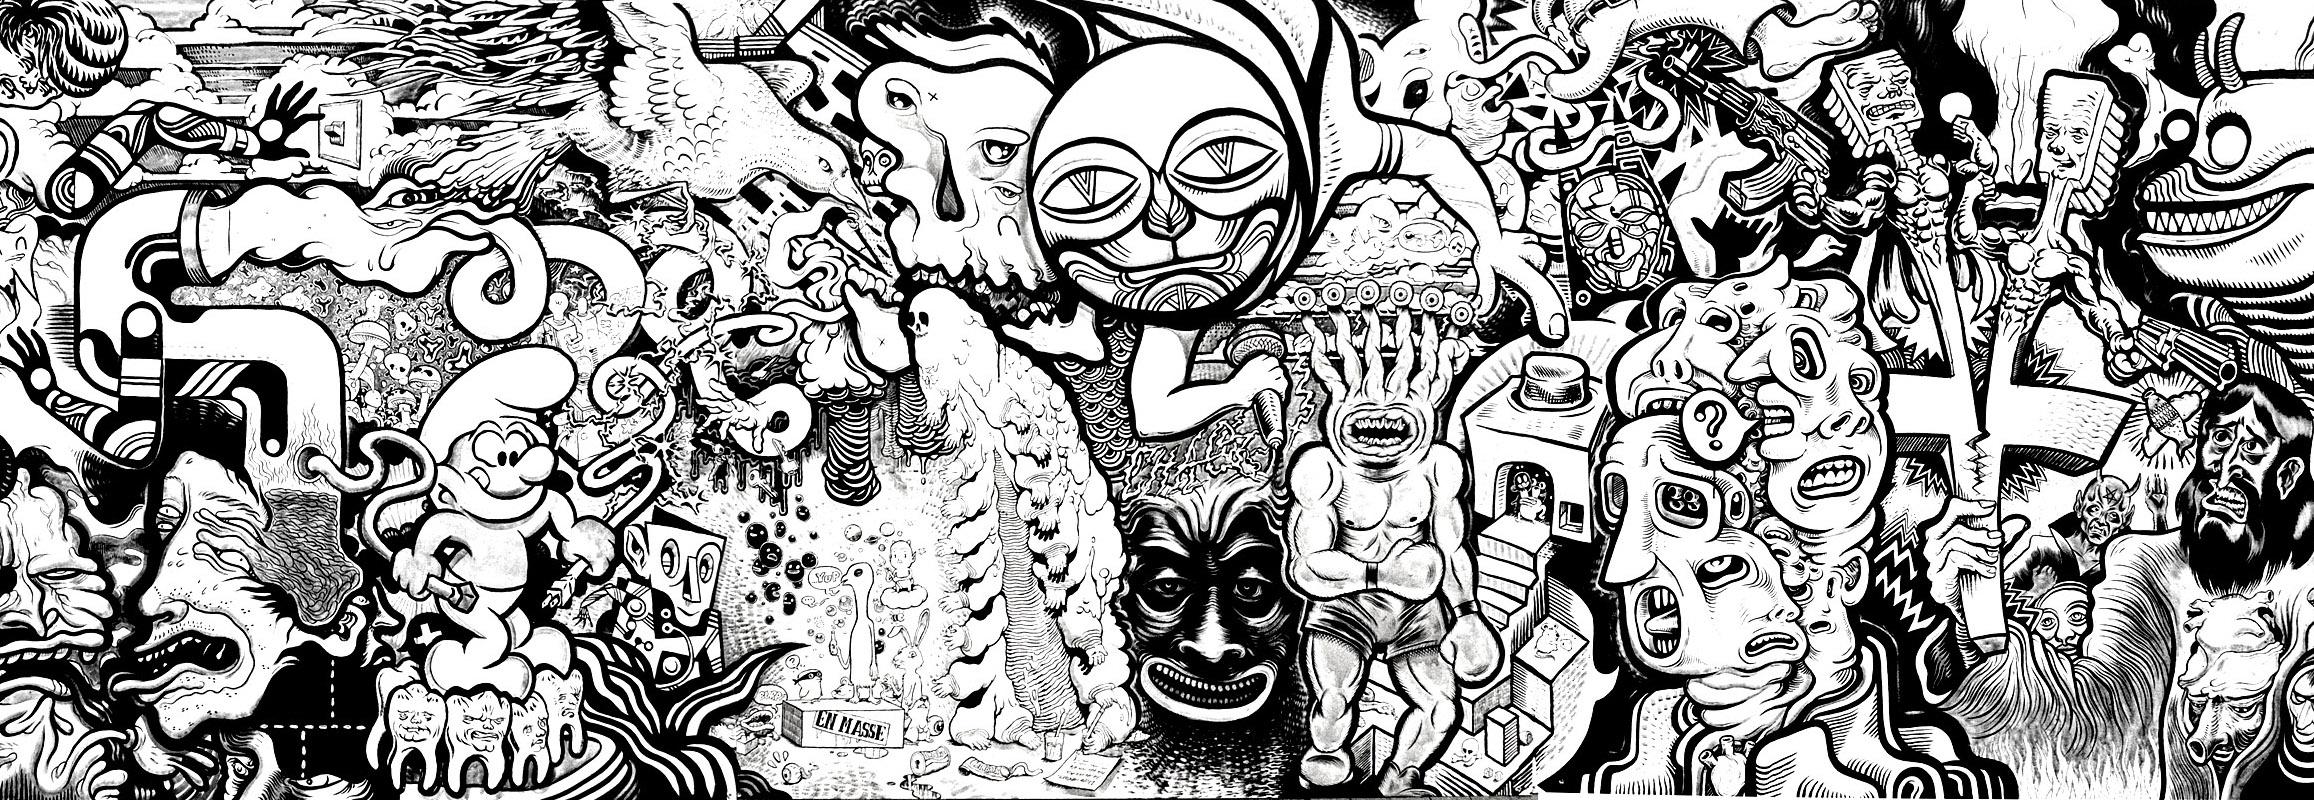 Disegni da colorare per adulti : Graffiti e Street art - 5